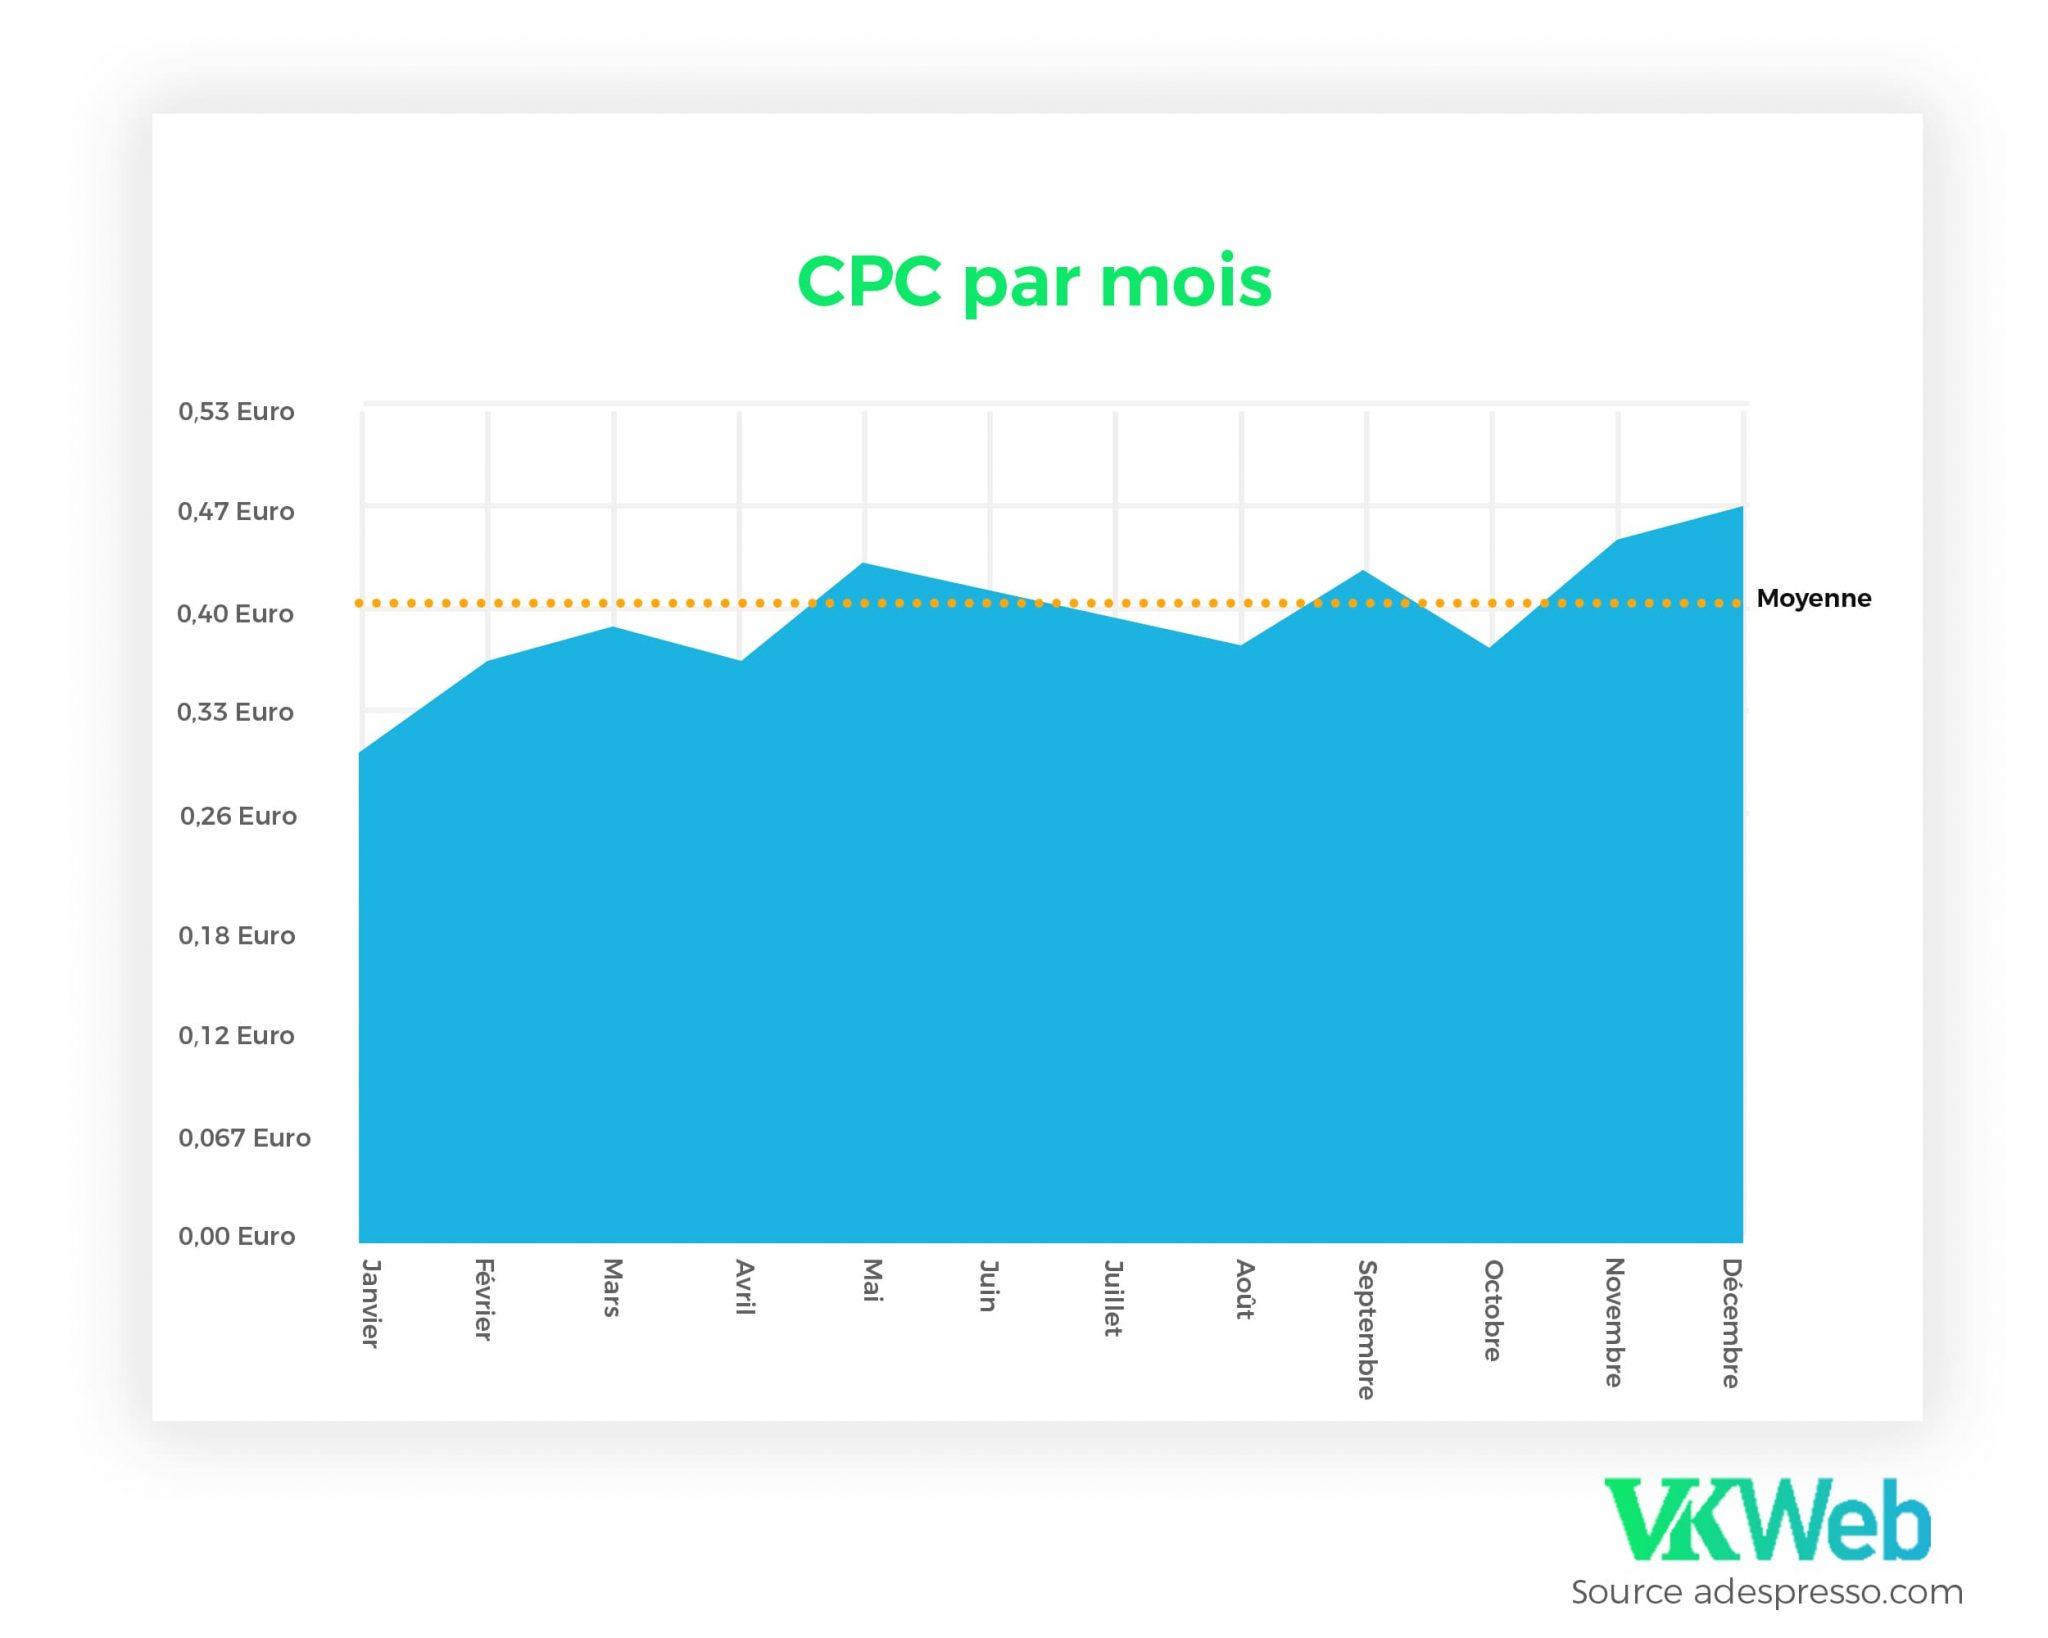 CPC par mois en 2019